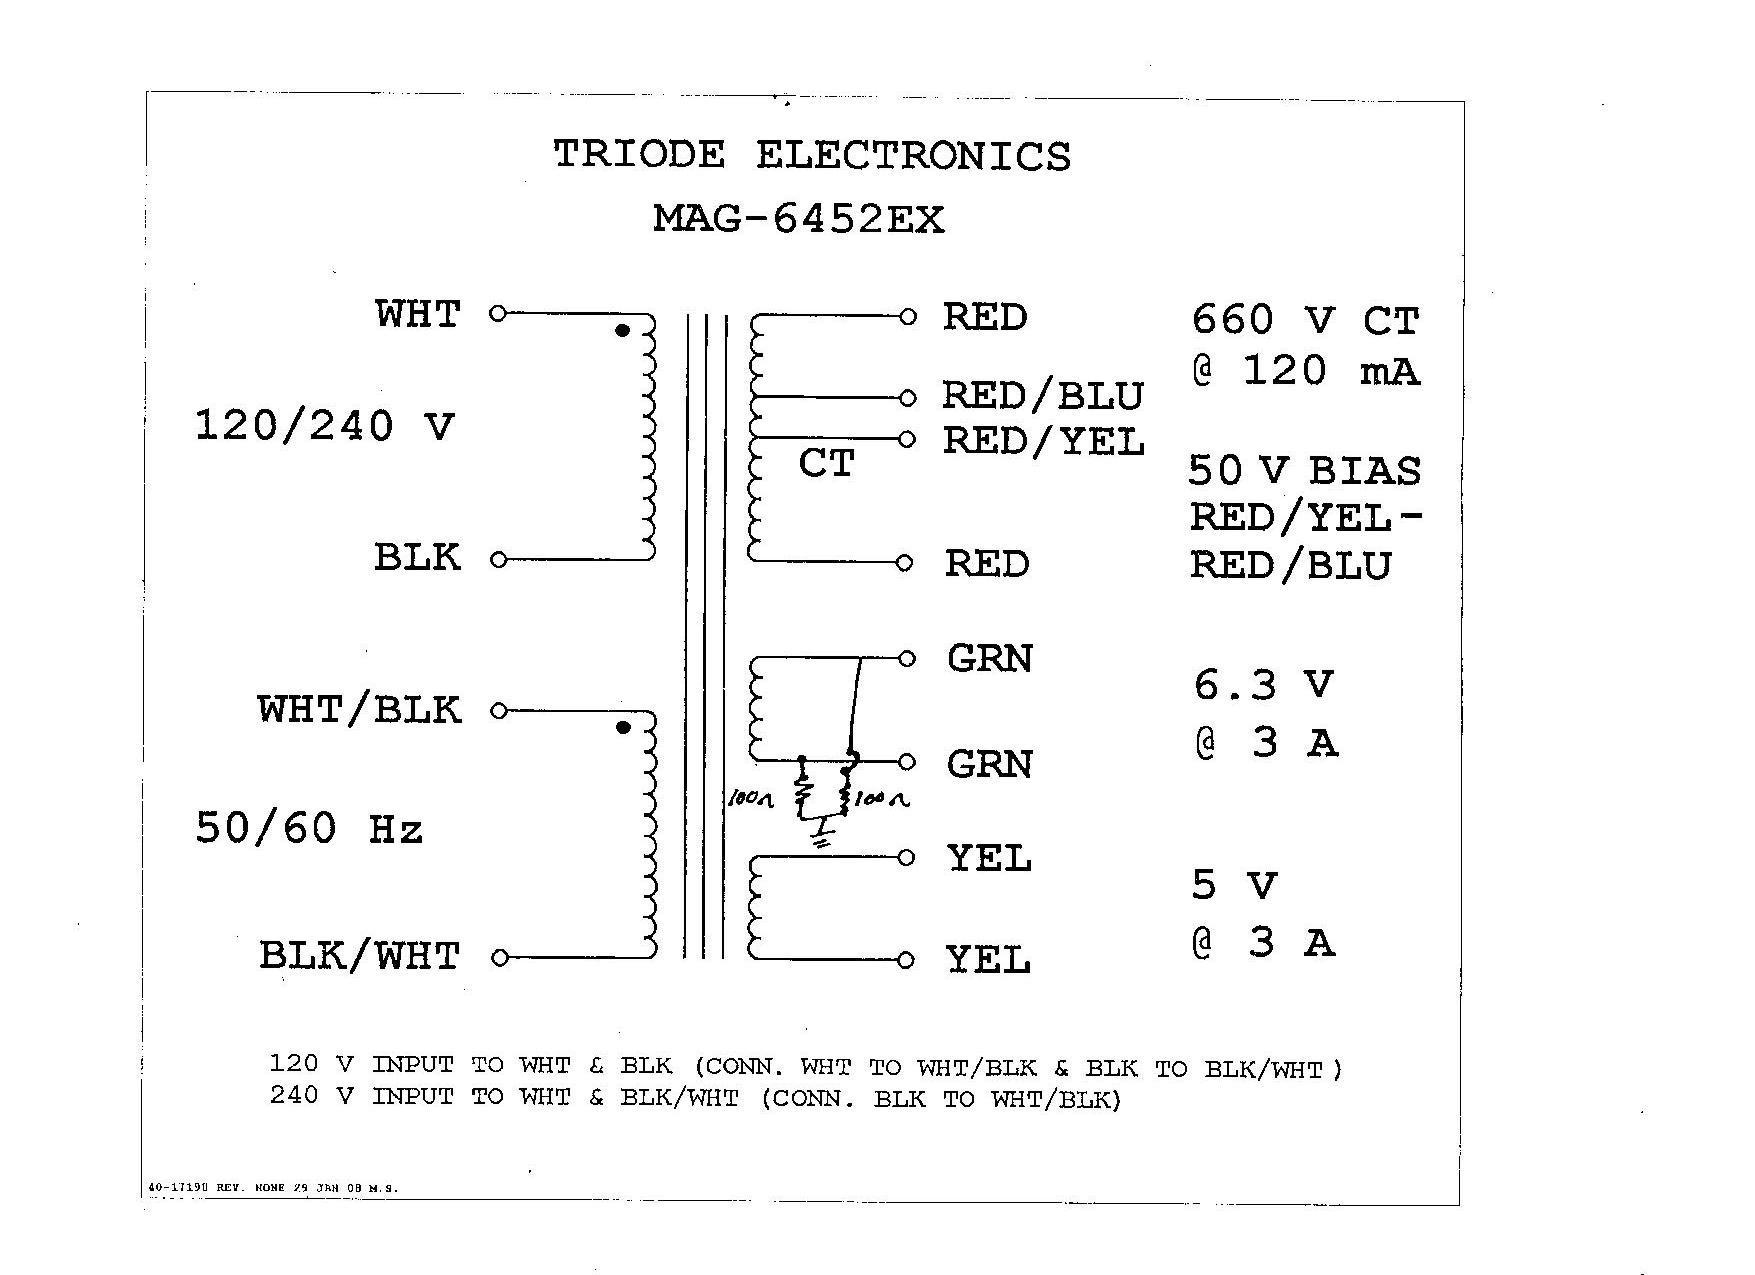 480v transformer wiring diagram hammerhead shark anatomy delta best library blogs 480 volt